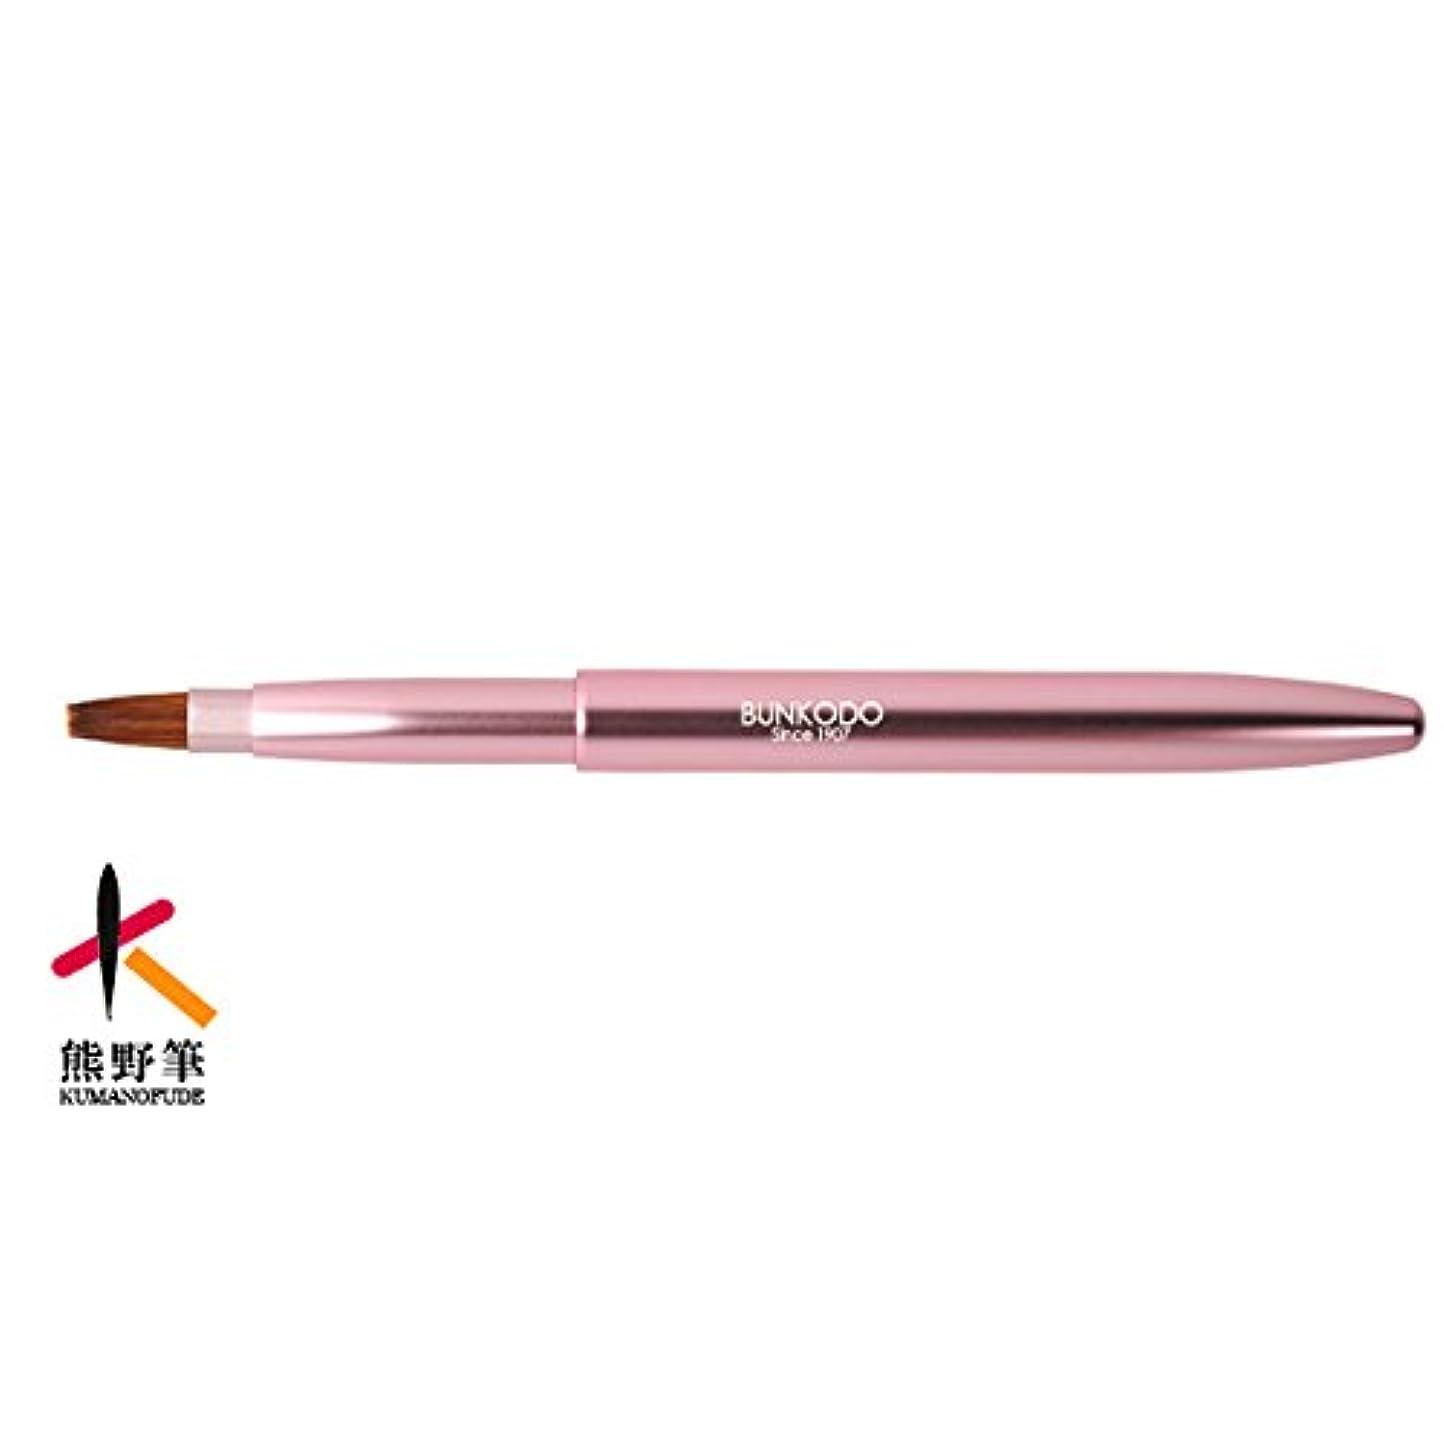 明治四十年創業 文宏堂 最高級コリンスキー毛100% 使用 熊野化粧筆 携帯用リップブラシ プッシュ式リップ ピンク MB009 名入れ可能